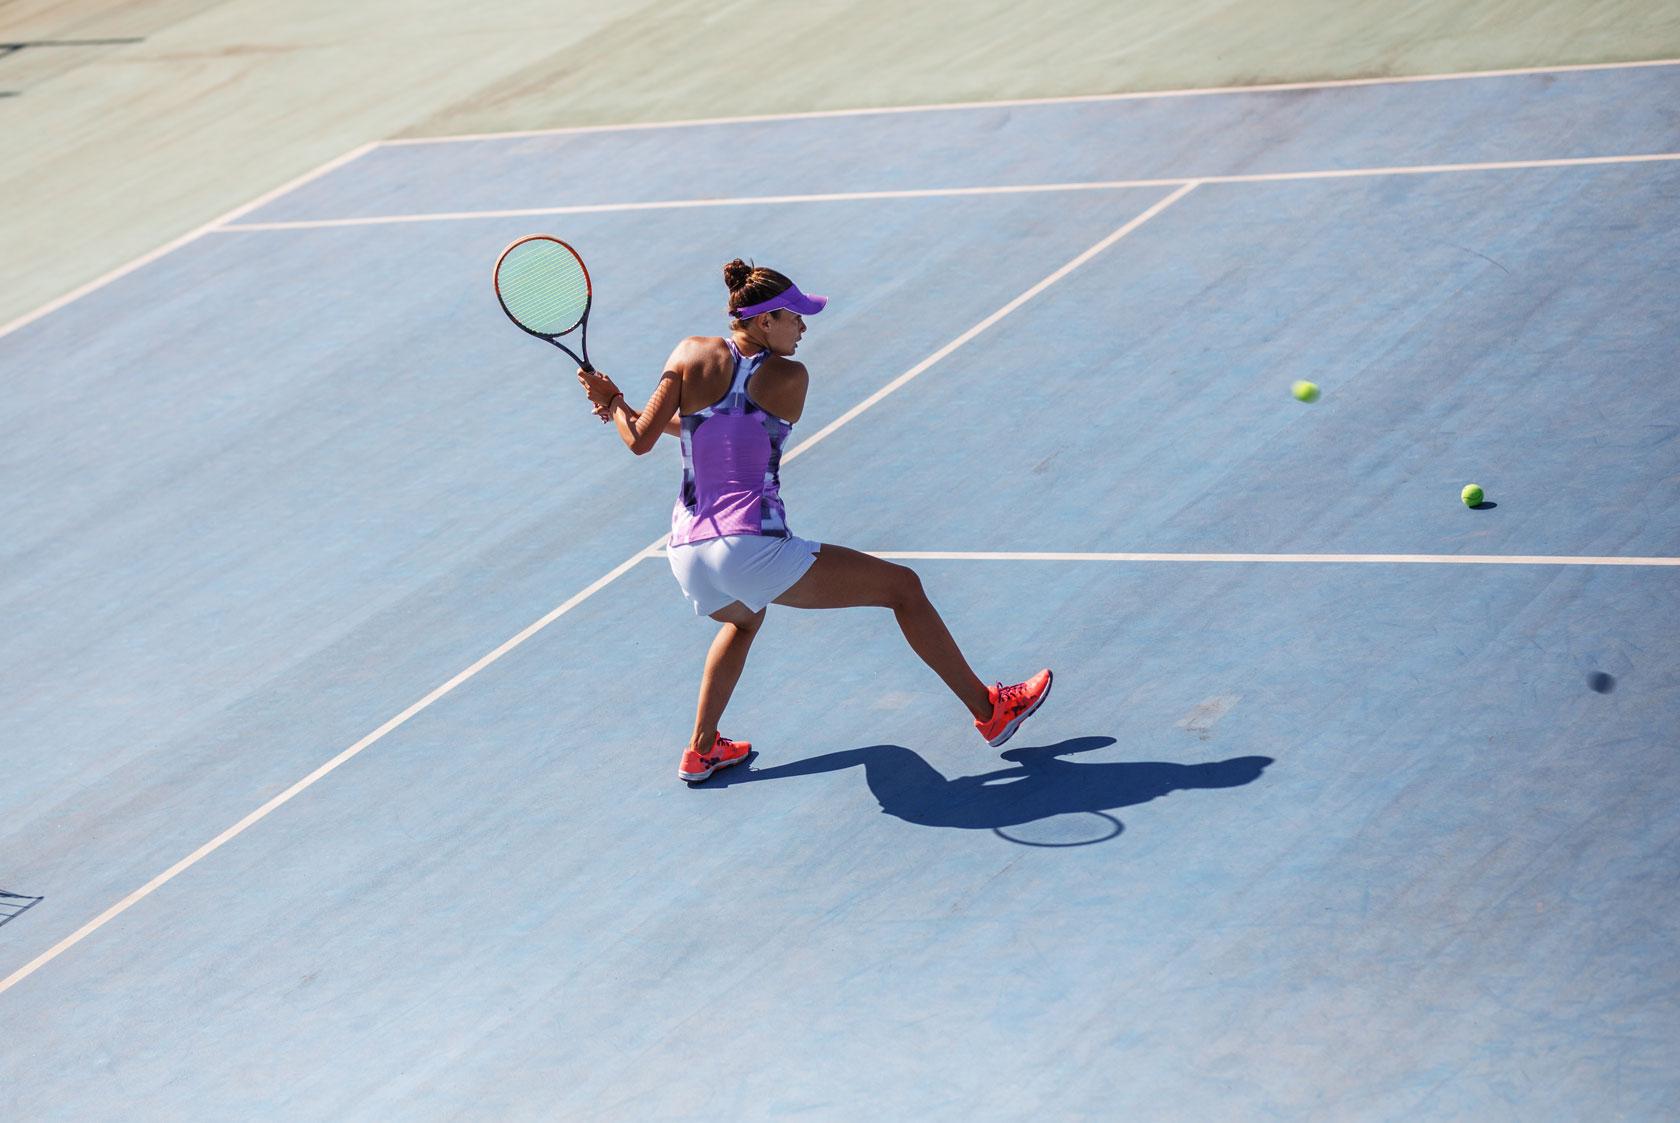 Gioco del tennis: strategia per il recupero della fatica durante la partita e l'allenamento